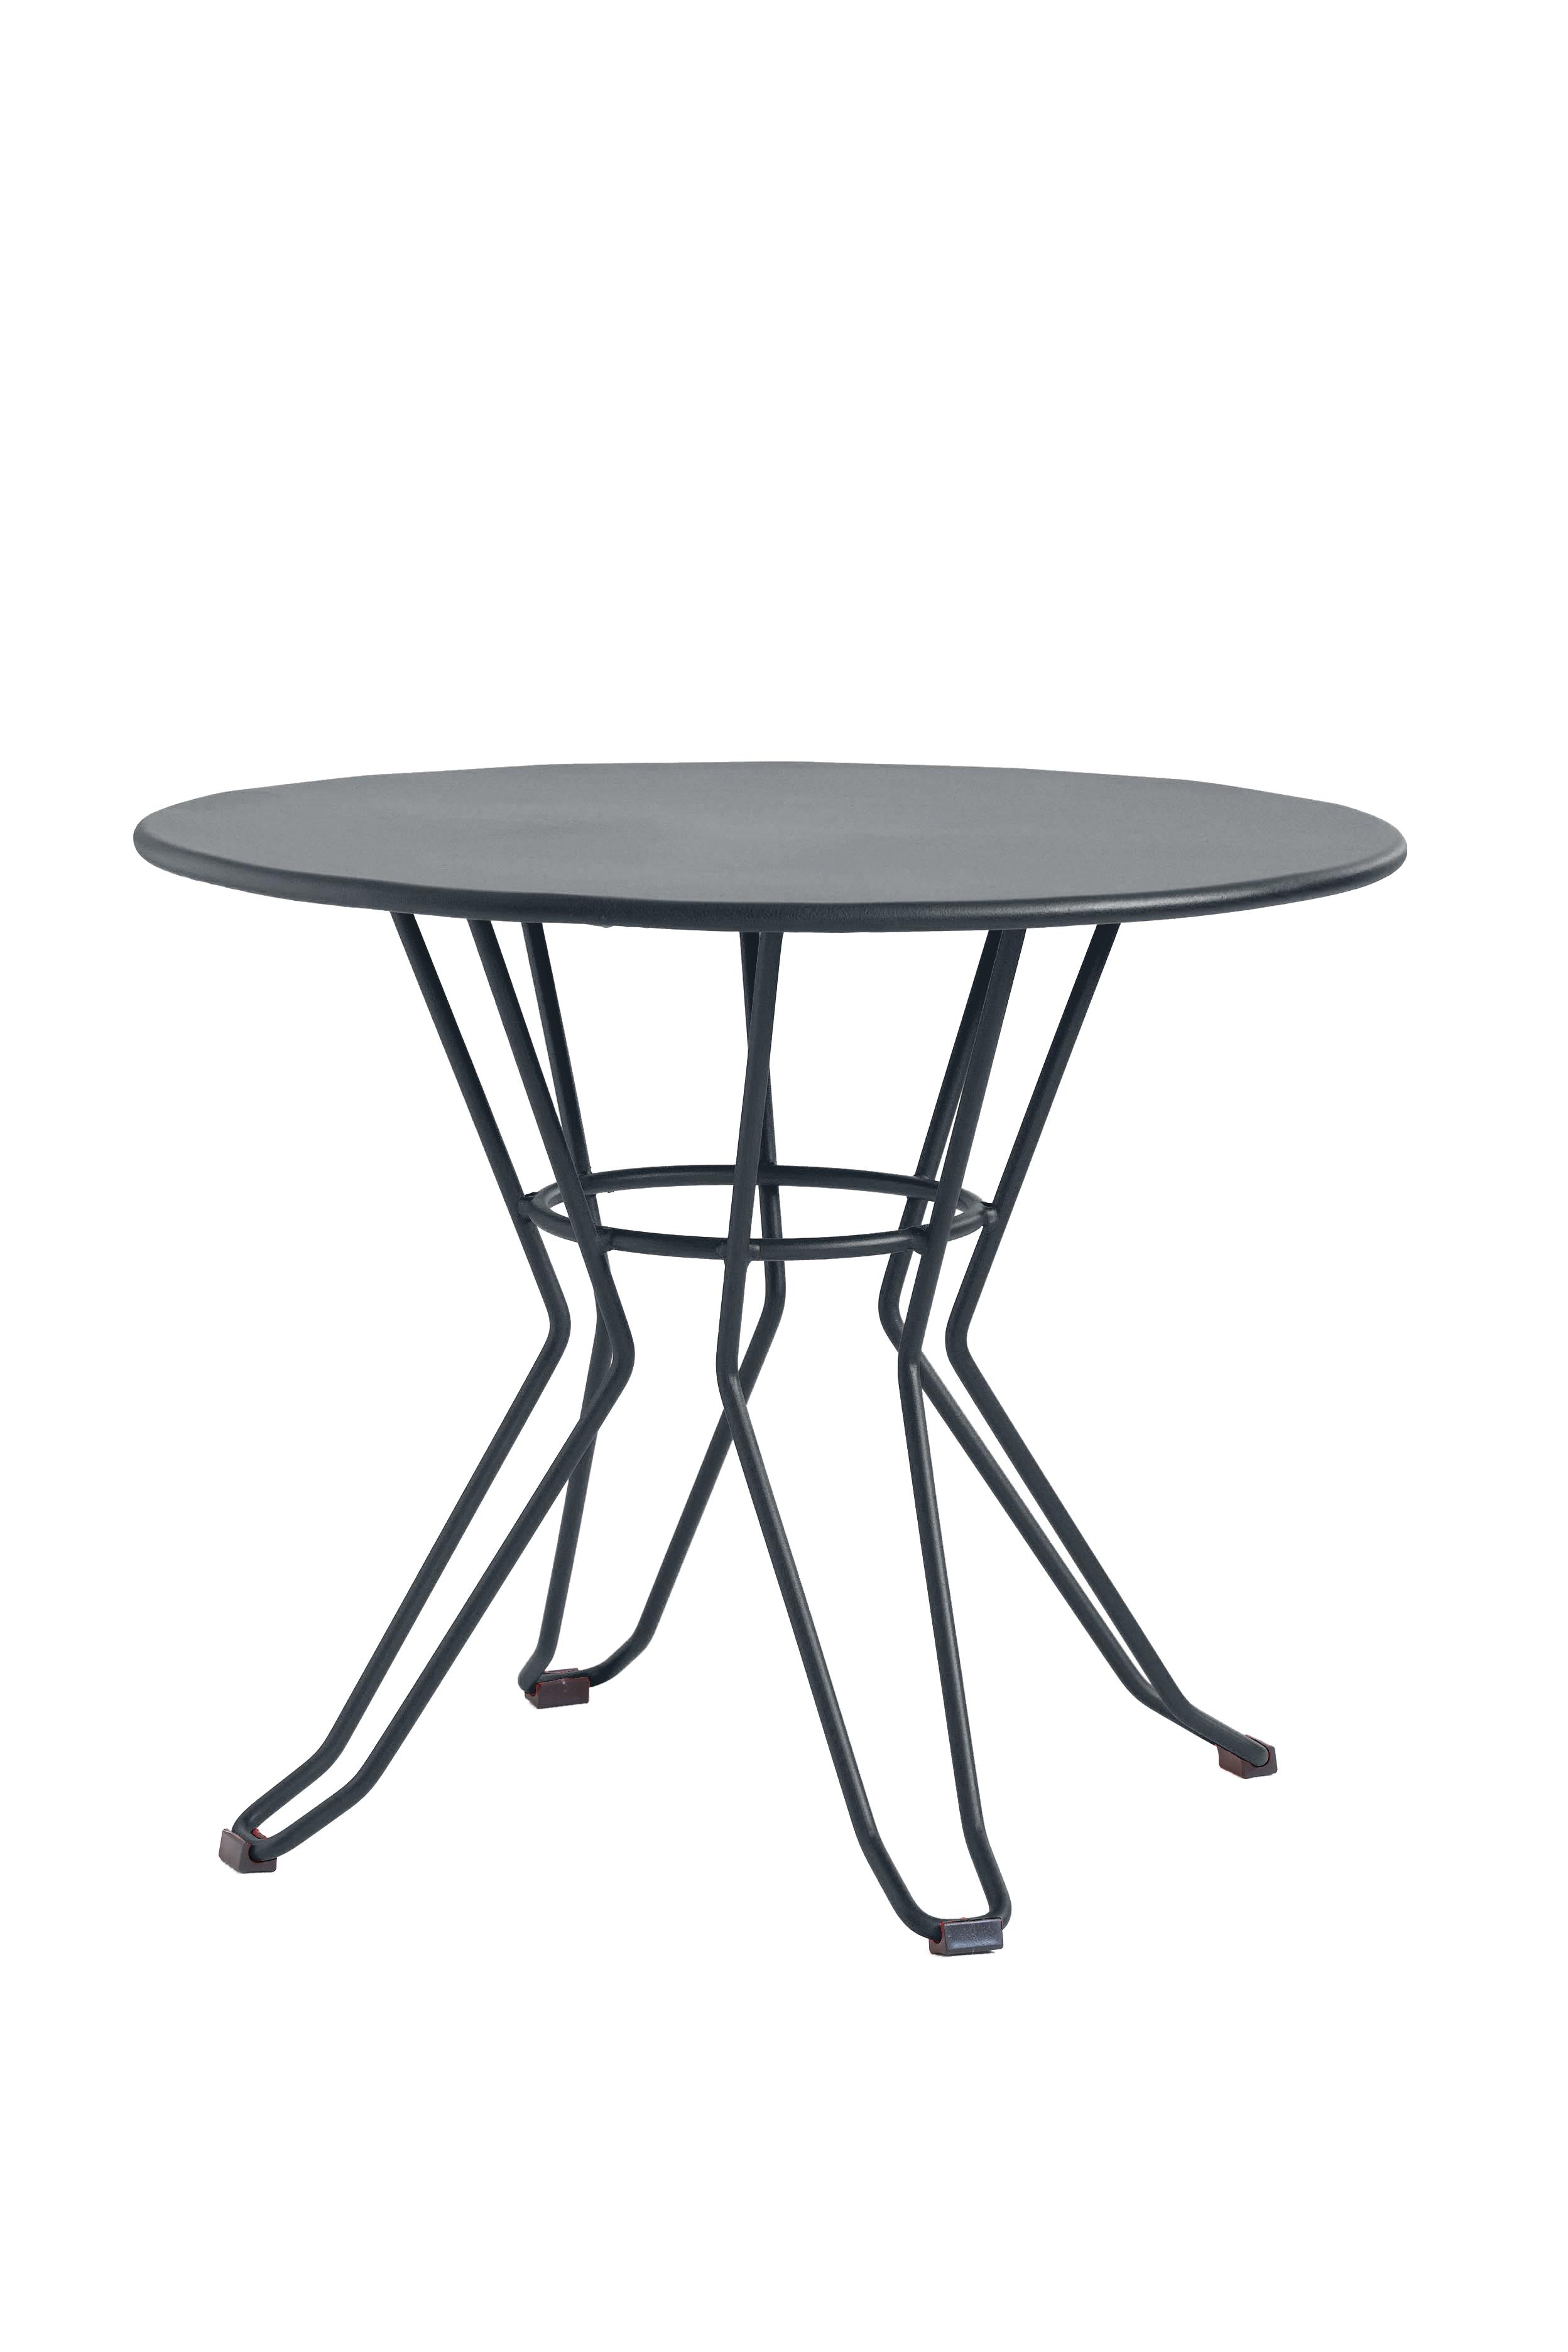 CAPRI - Table basse en acier gris D60